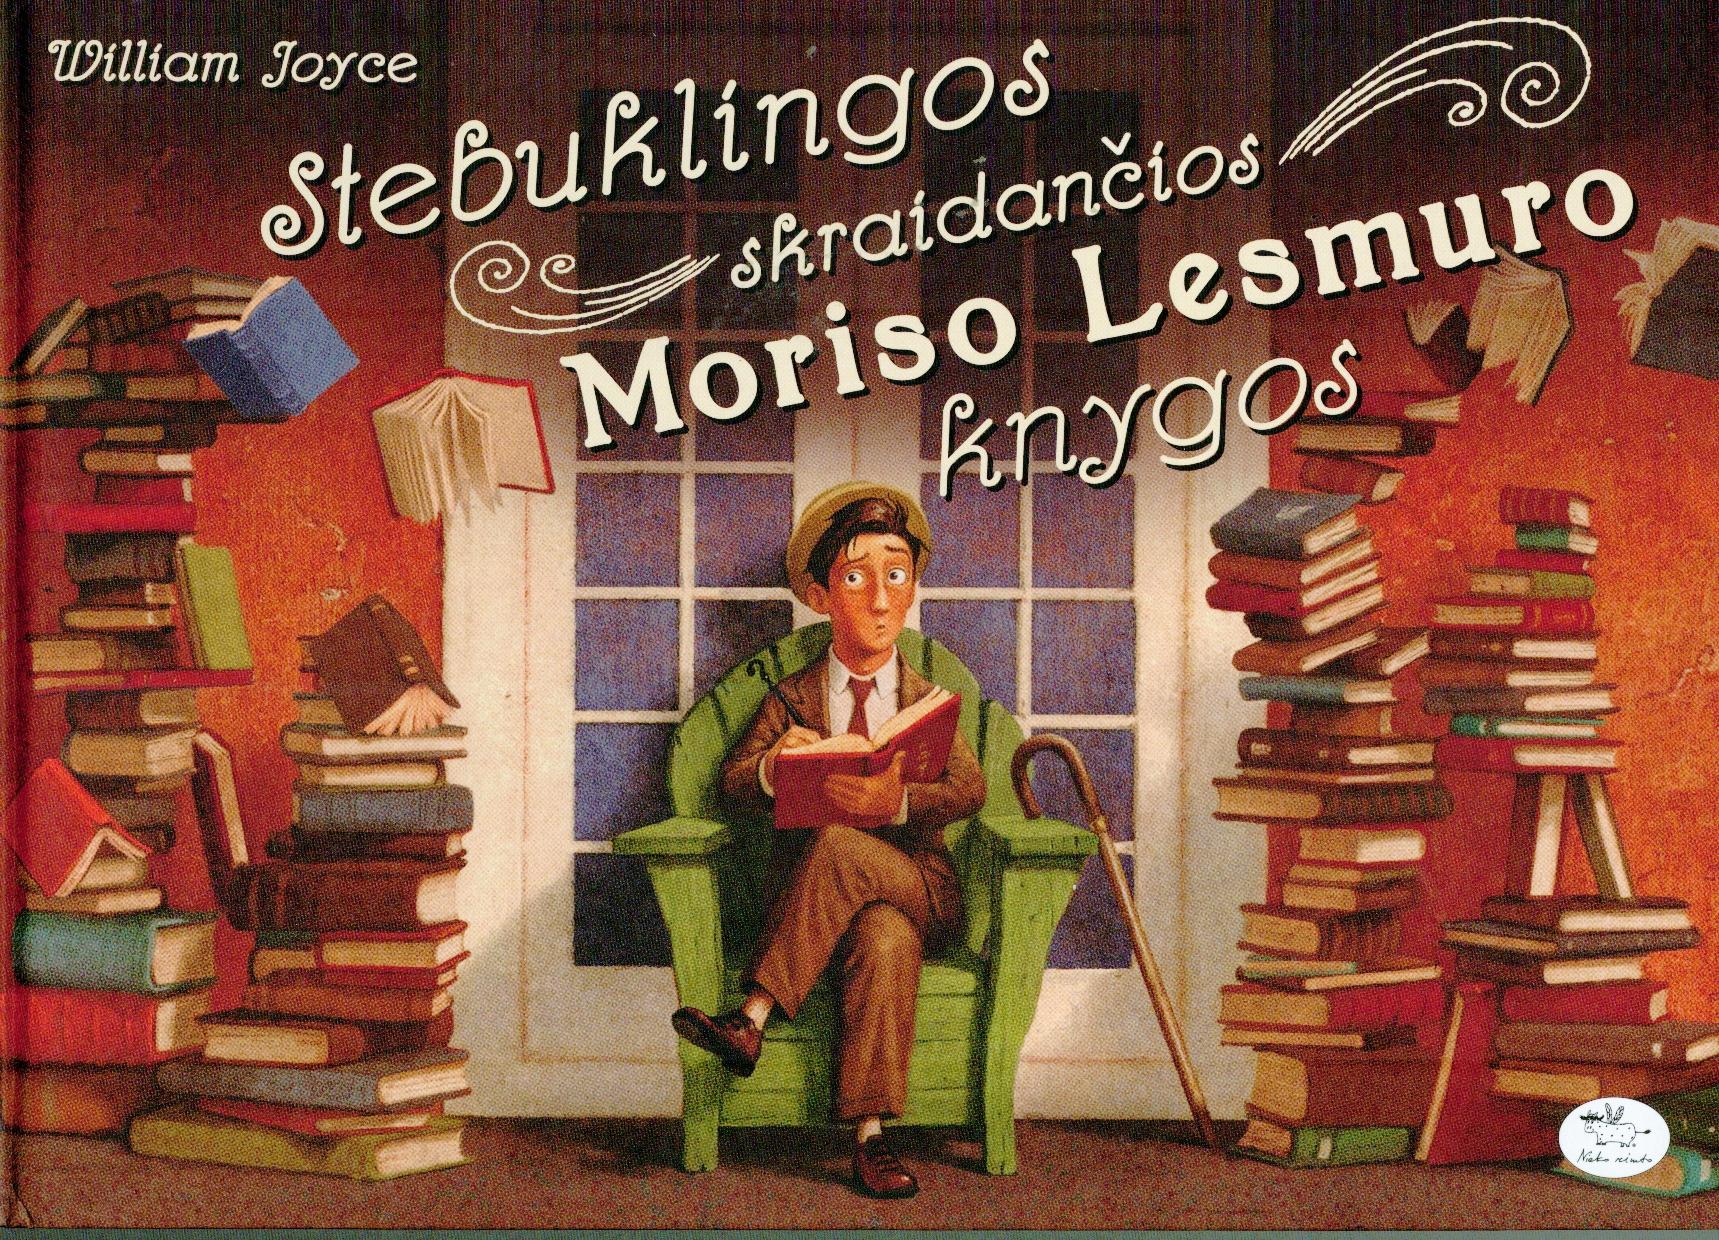 Stebuklingos skraidančios Moriso Lesmuro knygos